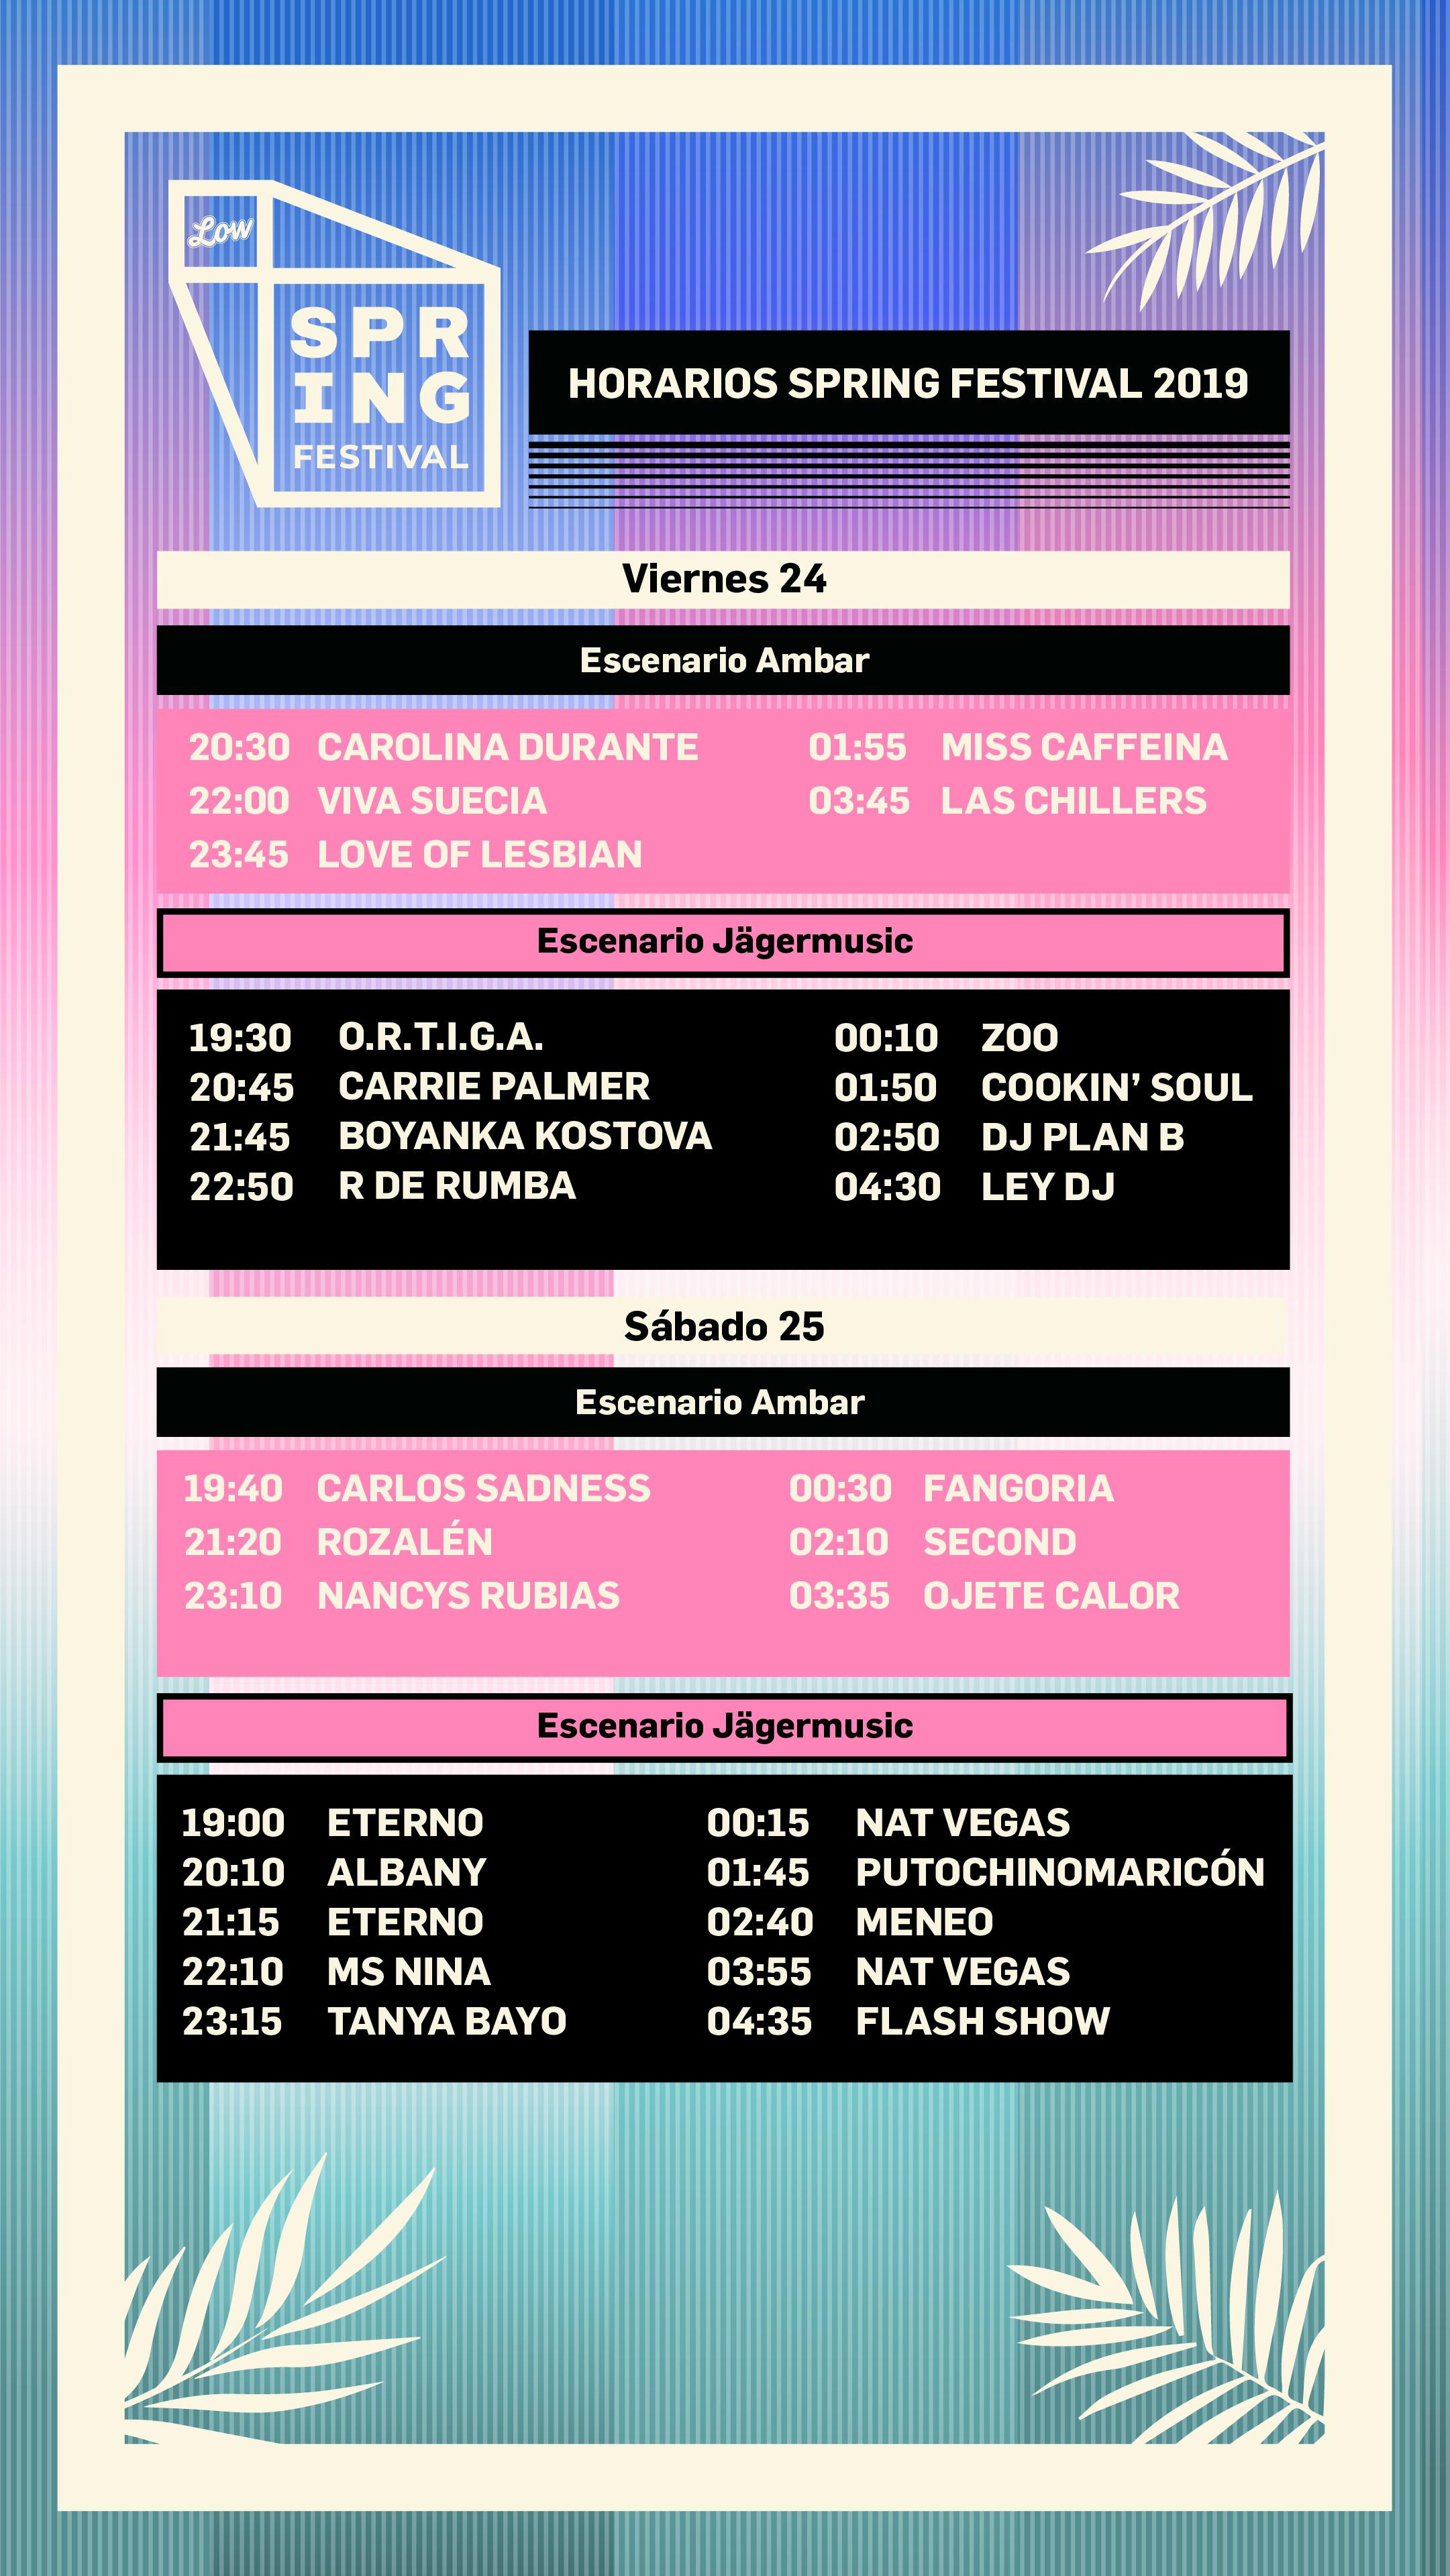 Spring Festival presenta los horarios de su edición 2019 en DESTACADOS MÚSICA